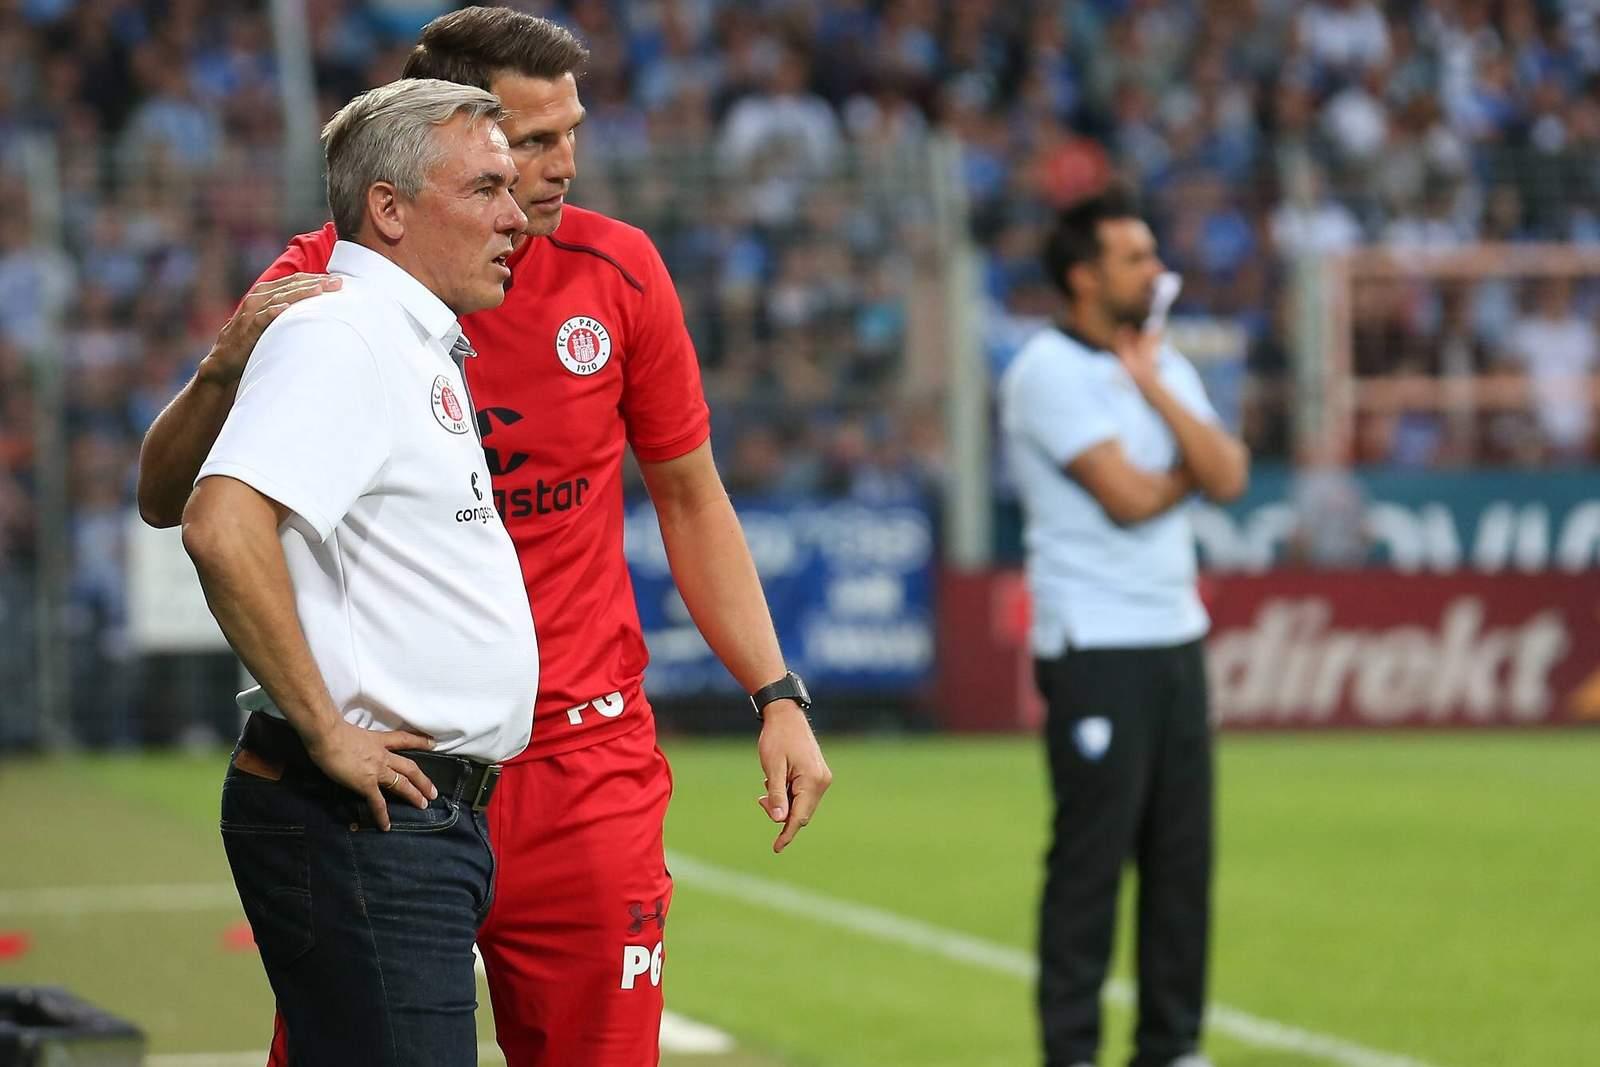 Olaf Janßen und Patrick Glöckner bei Spiel von St.Pauli